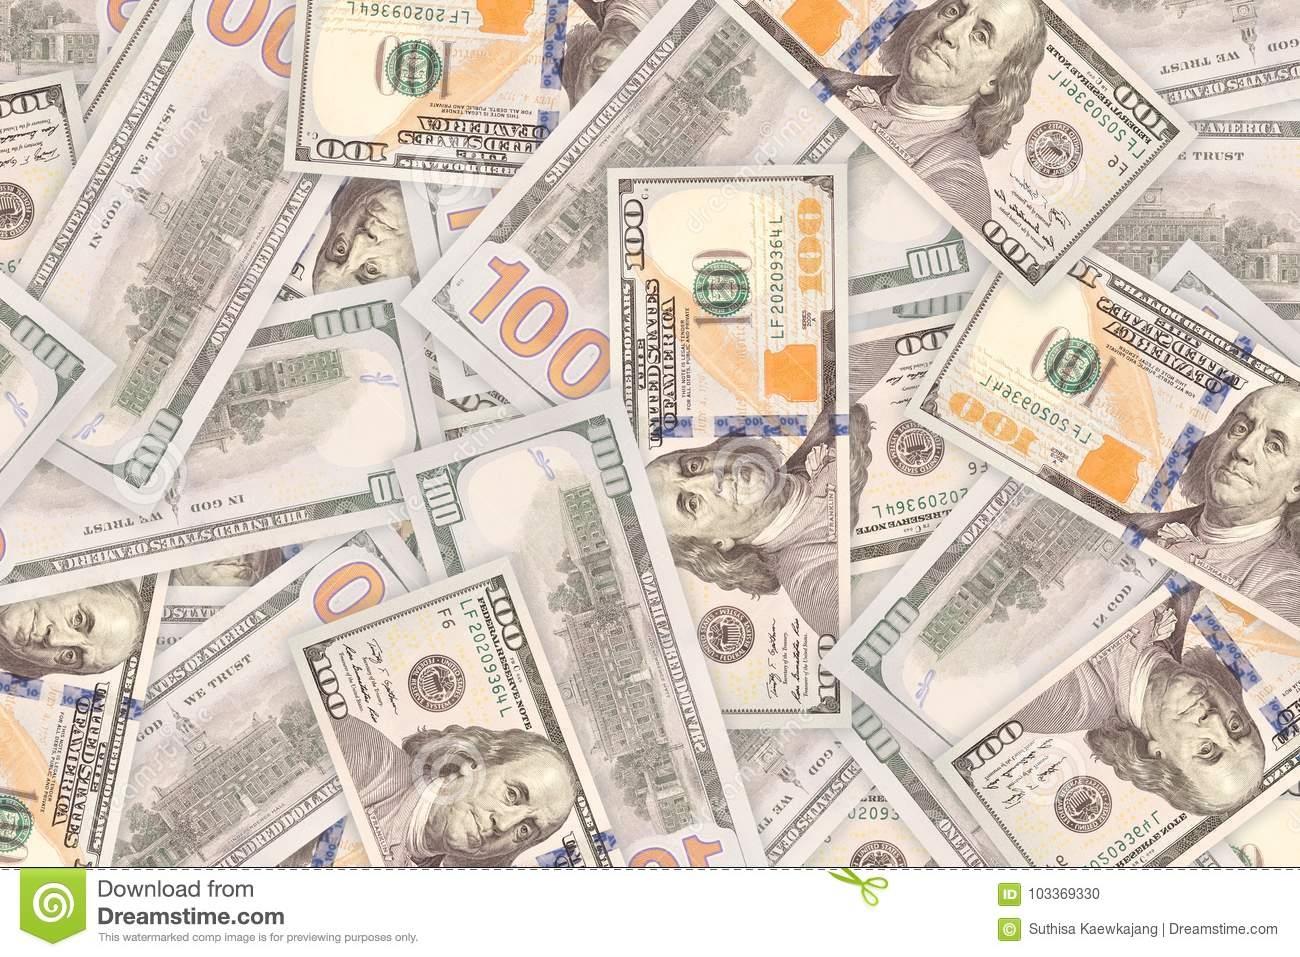 CASINO 2305 AUCUN BONUS DE DÉPÔT au 777 Casino